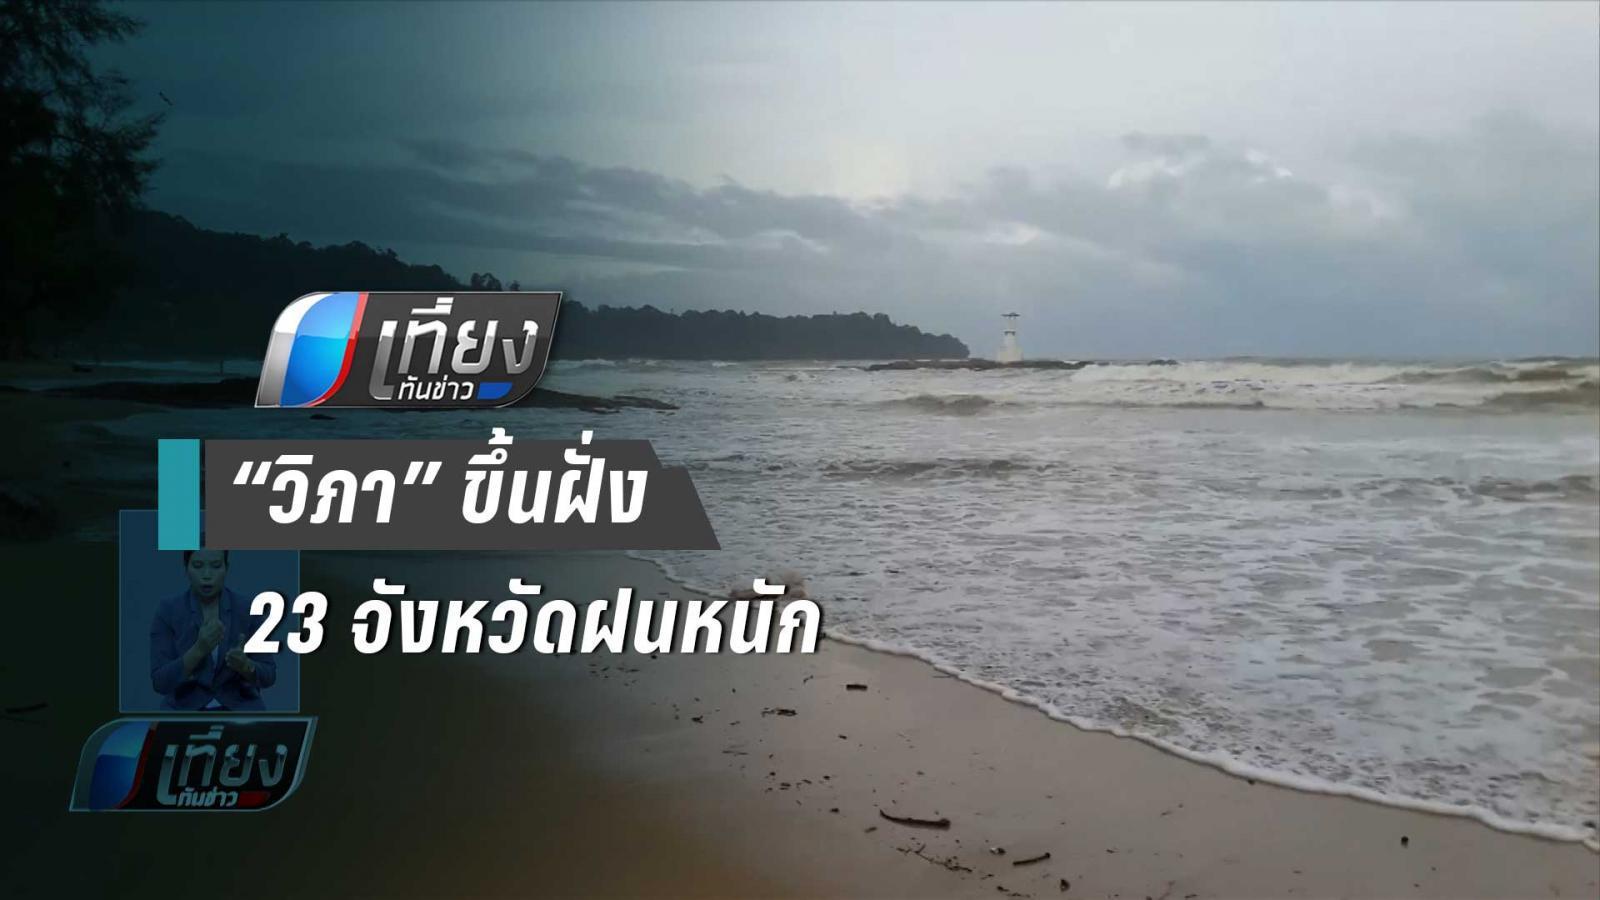 """พายุ """"วิภา"""" ขึ้นฝั่งฮานอยวันนี้ เตือน 23 จังหวัดระวังฝนตกหนัก"""